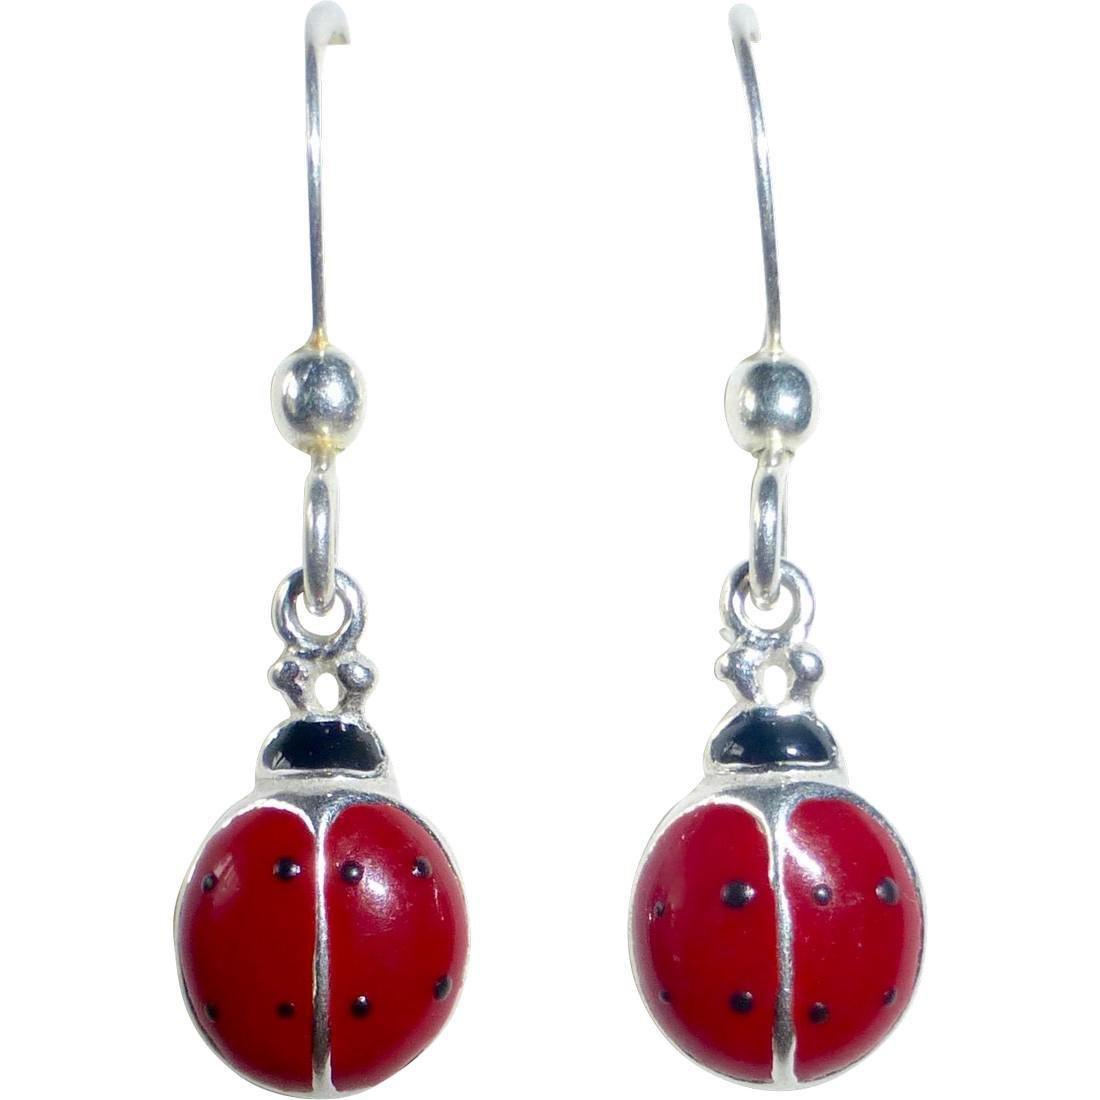 Vintage Sterling Silver Enamel Ladybug Earrings